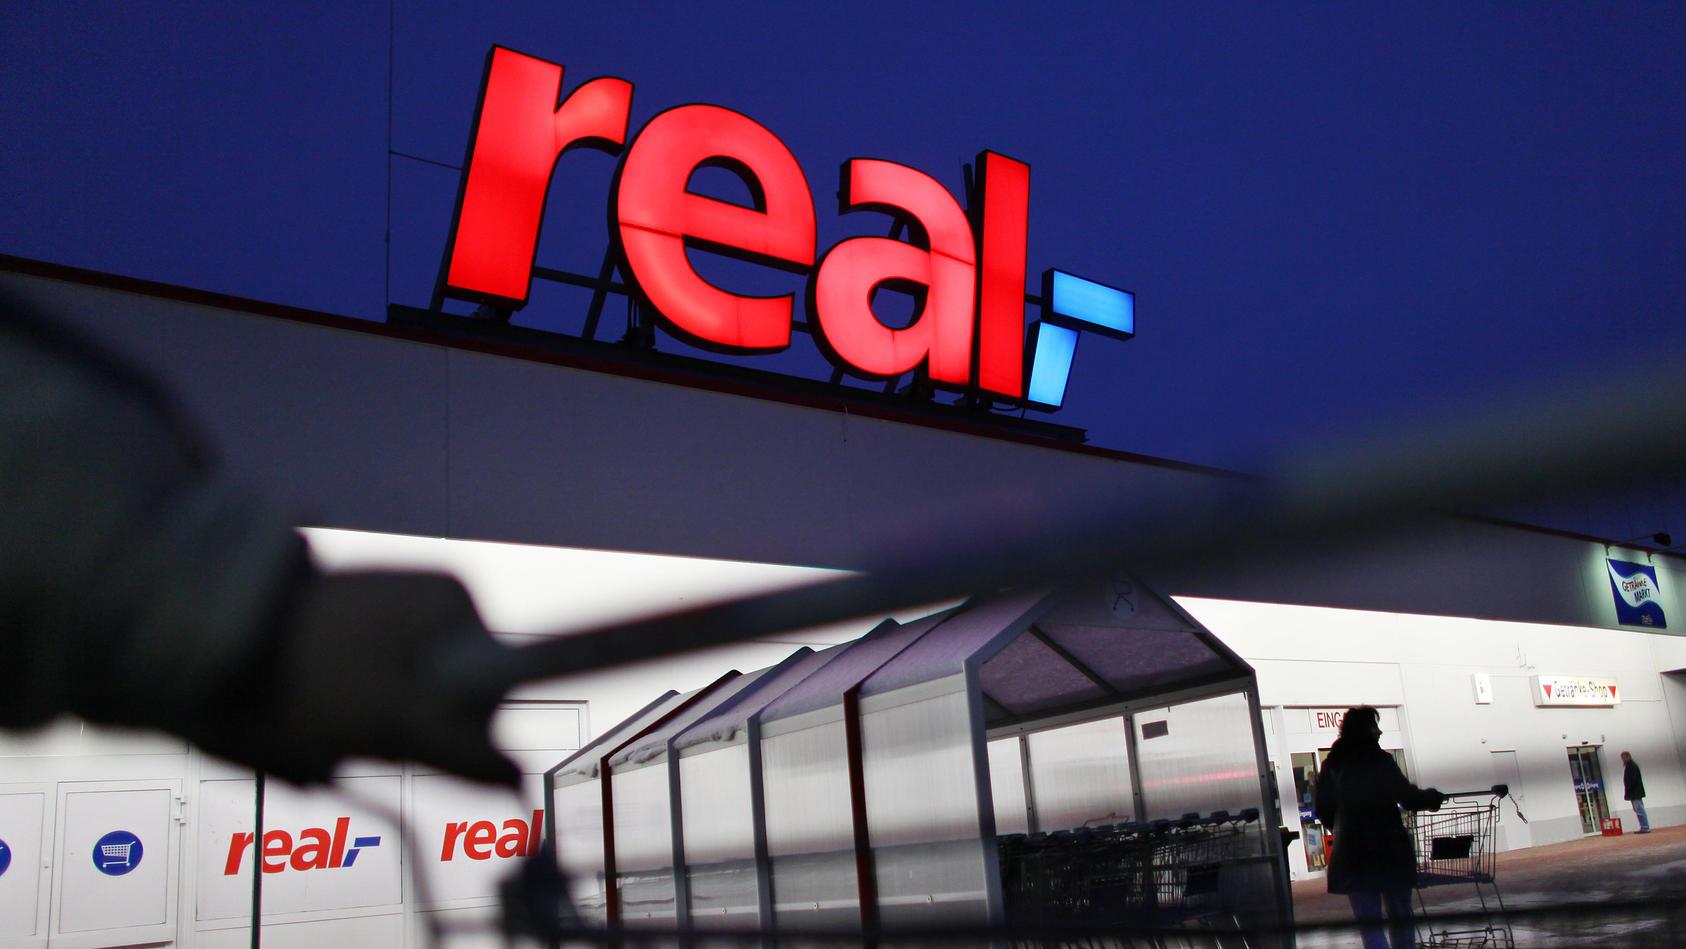 Real steht vor dem Aus. Die Märkte werden zerschlagen und zum Teil von Kaufland, Edeka und Co. übernommen.